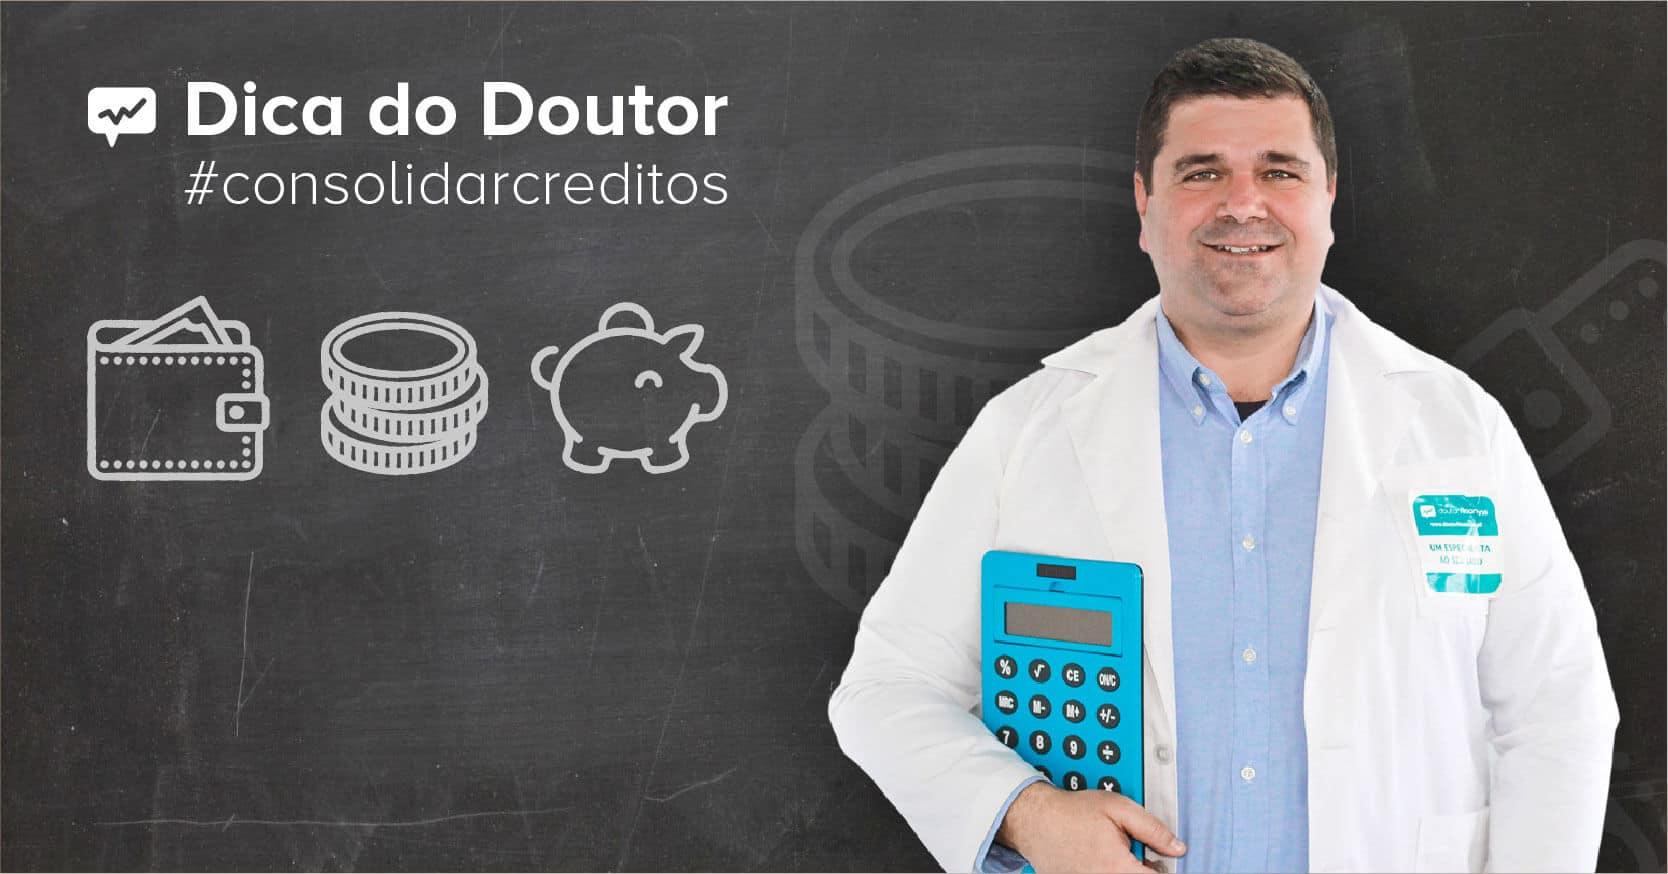 consolidar creditos dica do doutor